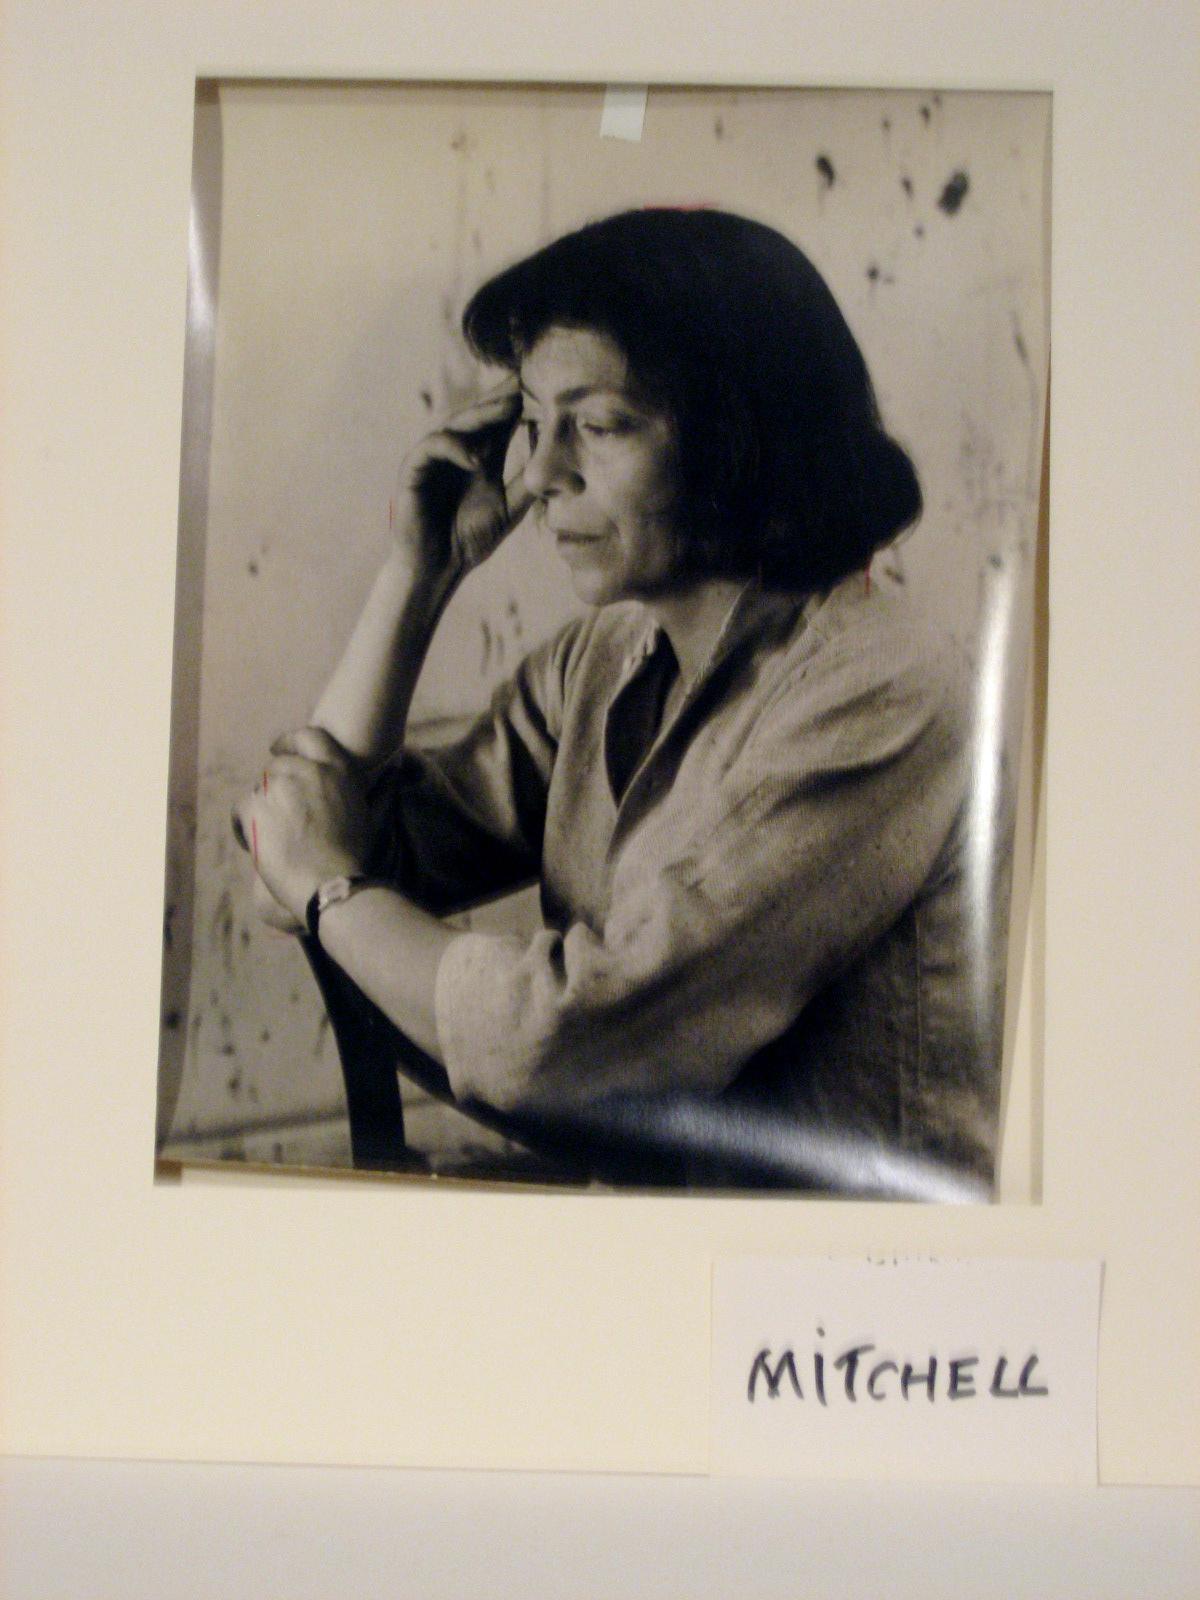 Mitchell 1.jpg